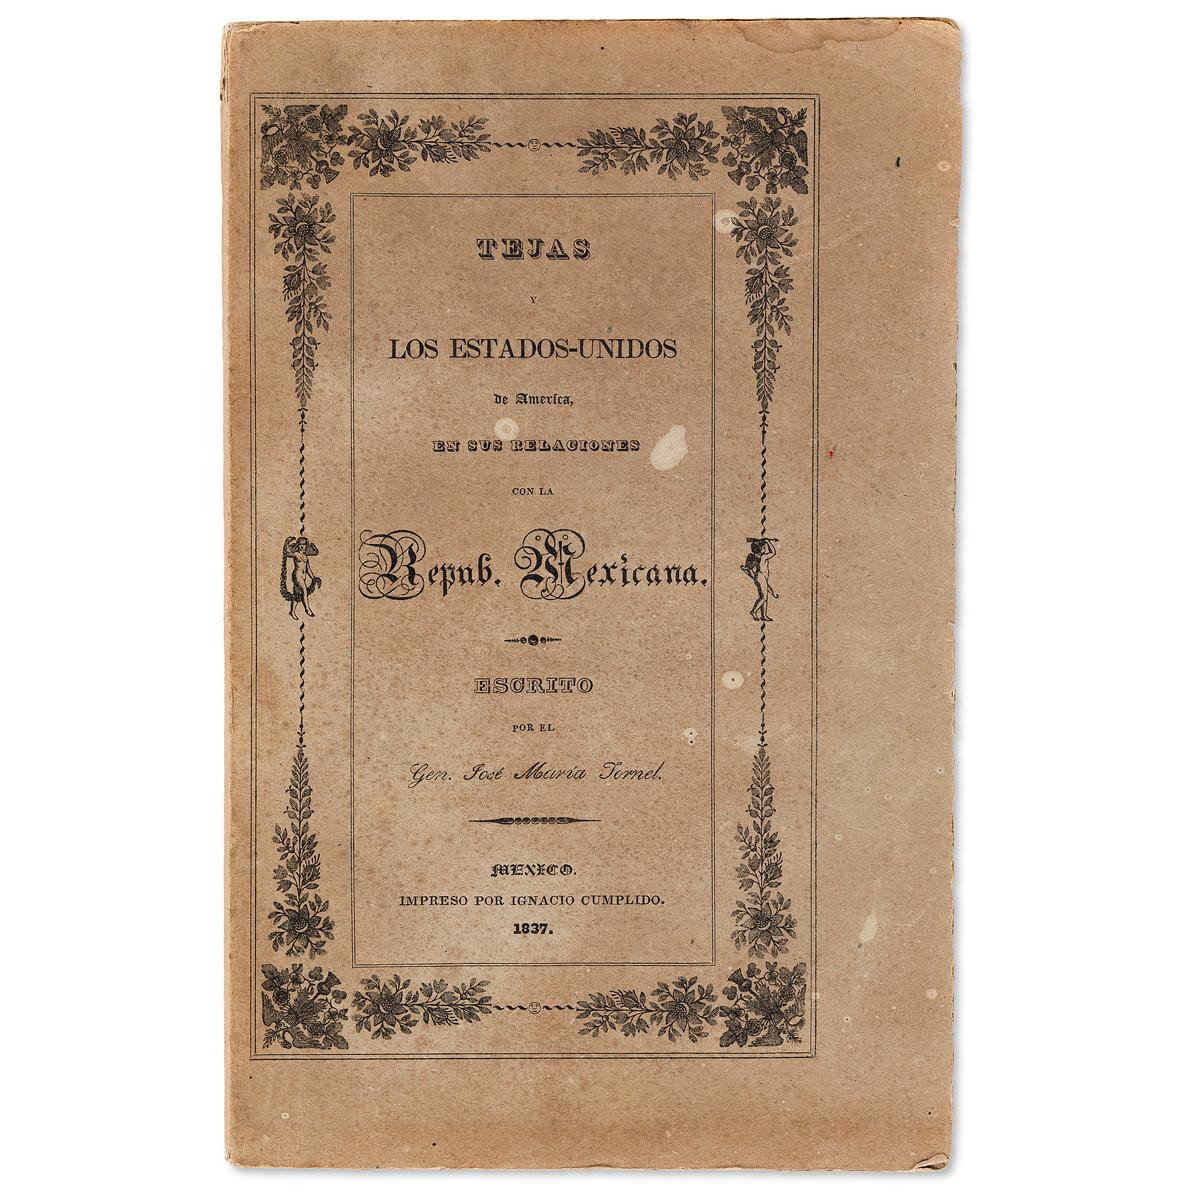 (TEXAS.) José María de Tornel y Mendívil. Tejas y los Estados-Unidos de América, en sus relaciones con la República Mexicana.